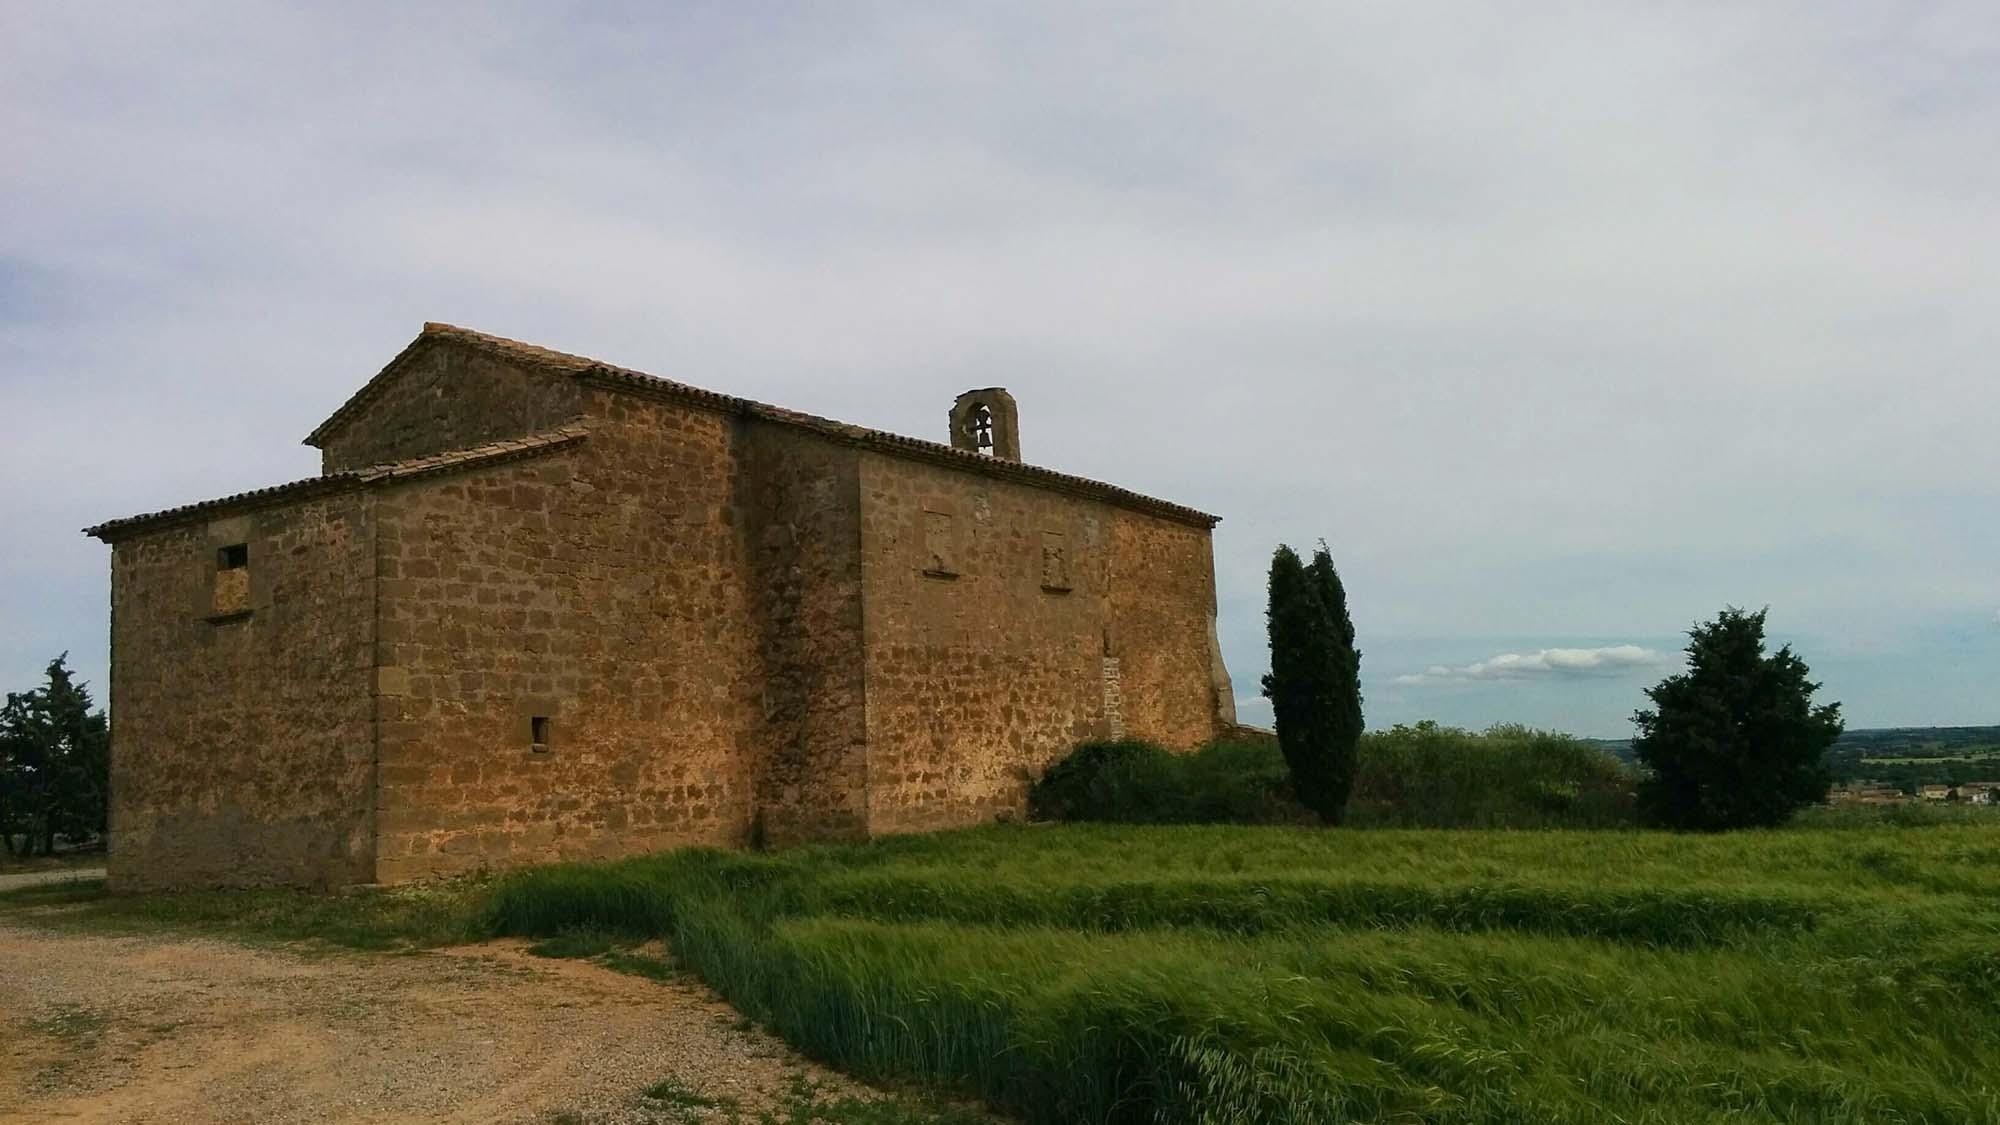 Ermitage de Santes Masses